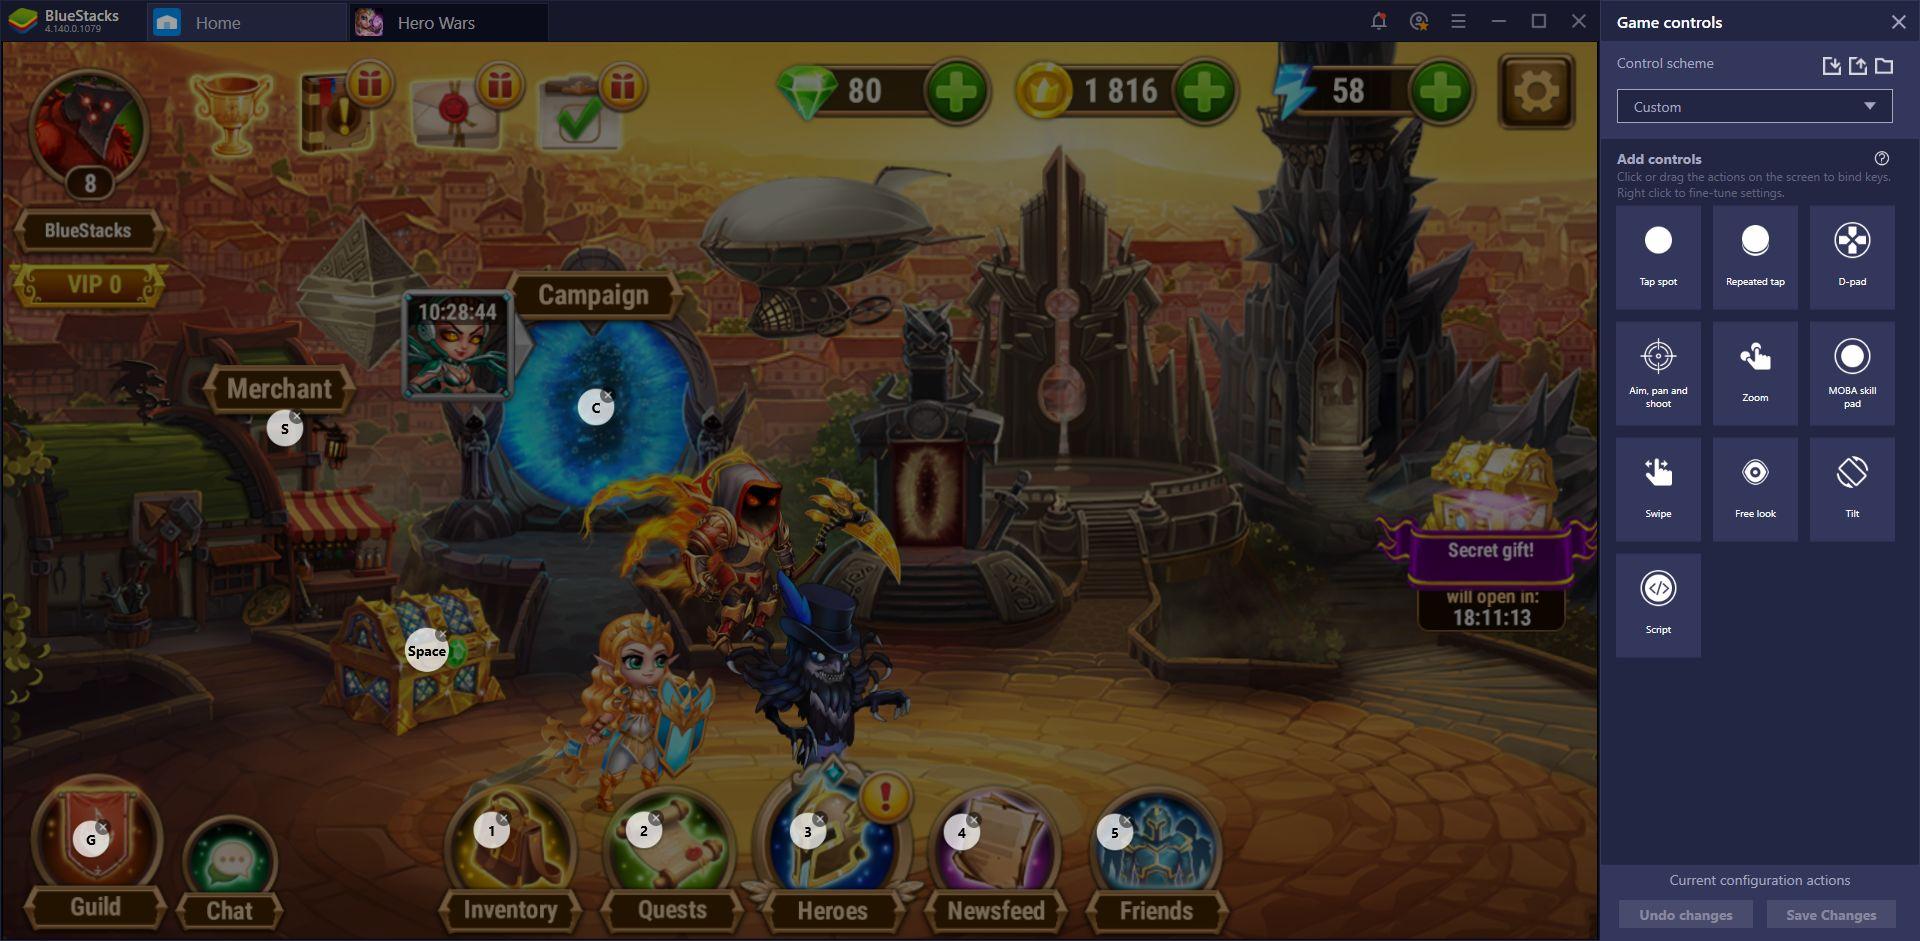 BlueStacks Guide for Hero Wars